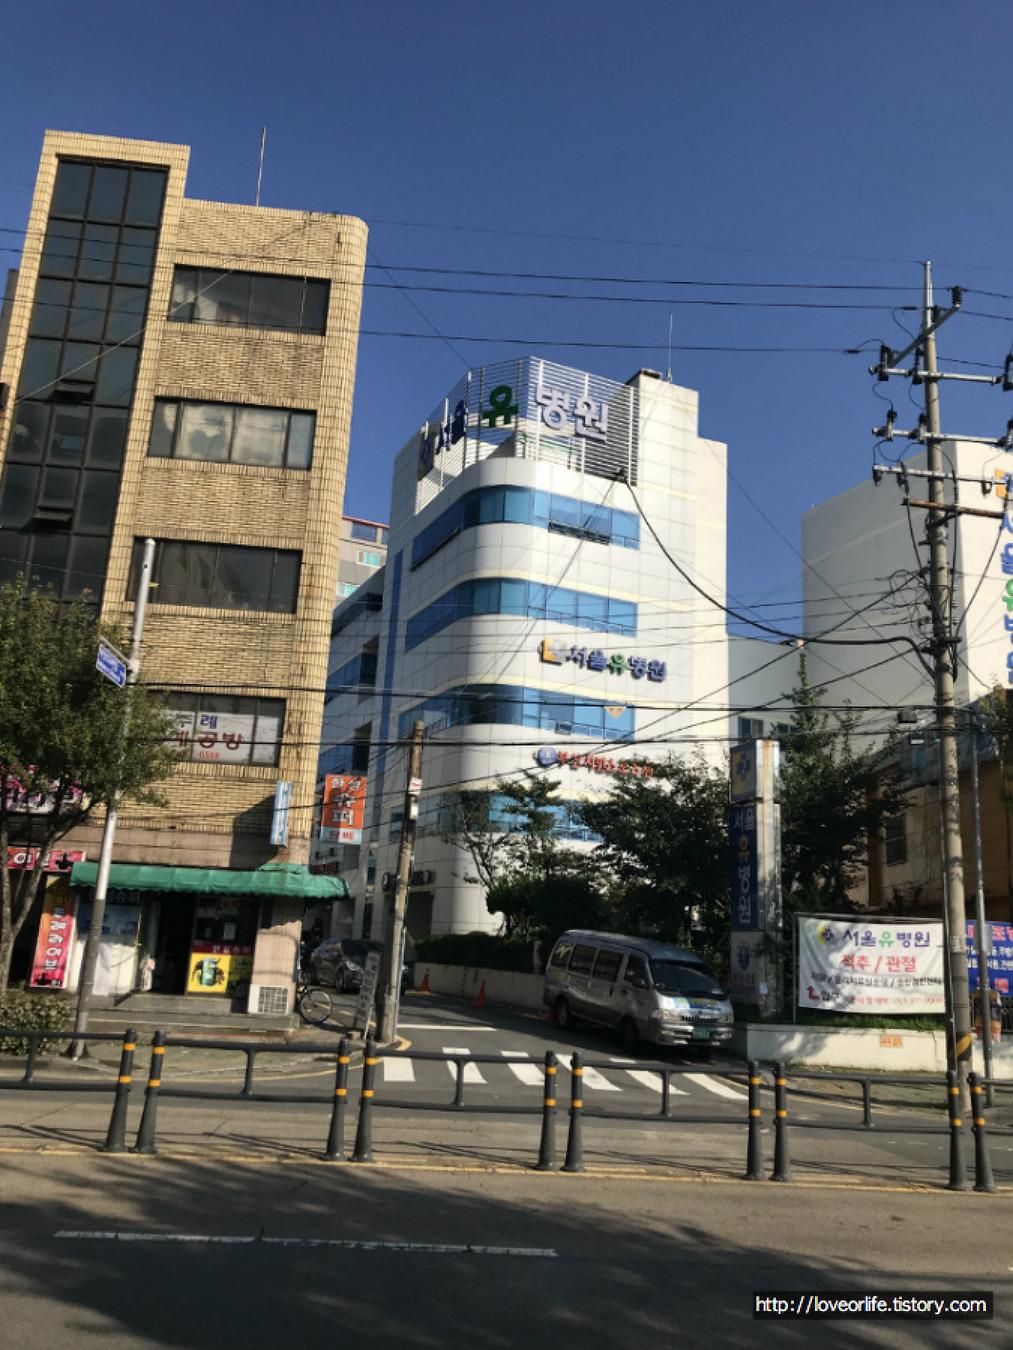 주례 실내수영장 - 부산시민스포츠센터 자유수영 이용후기